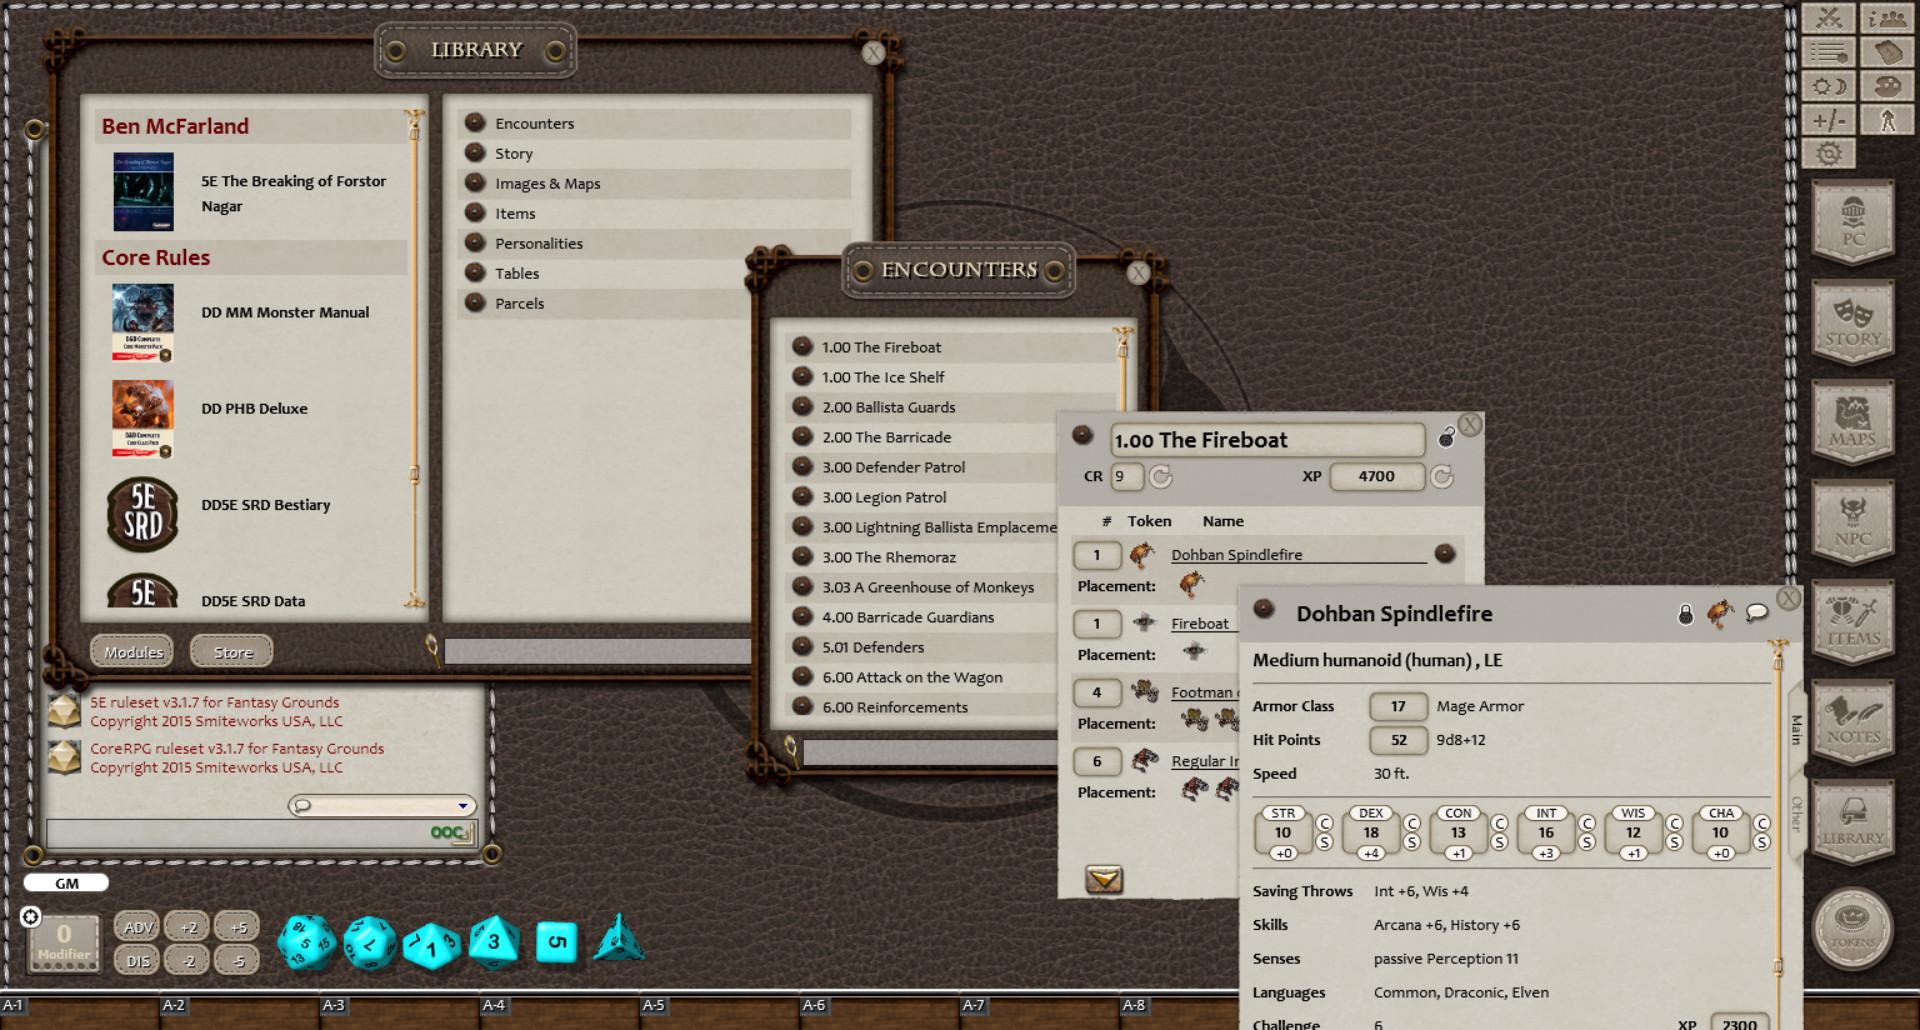 Fantasy Grounds - The Breaking of Forstor Nagar (5E) screenshot